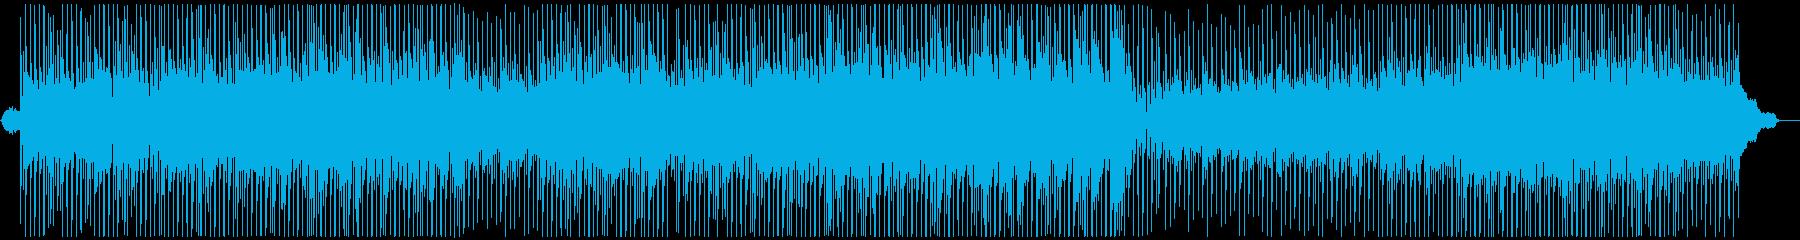 企業VP・CM・軽快で爽やかピアノ可愛いの再生済みの波形